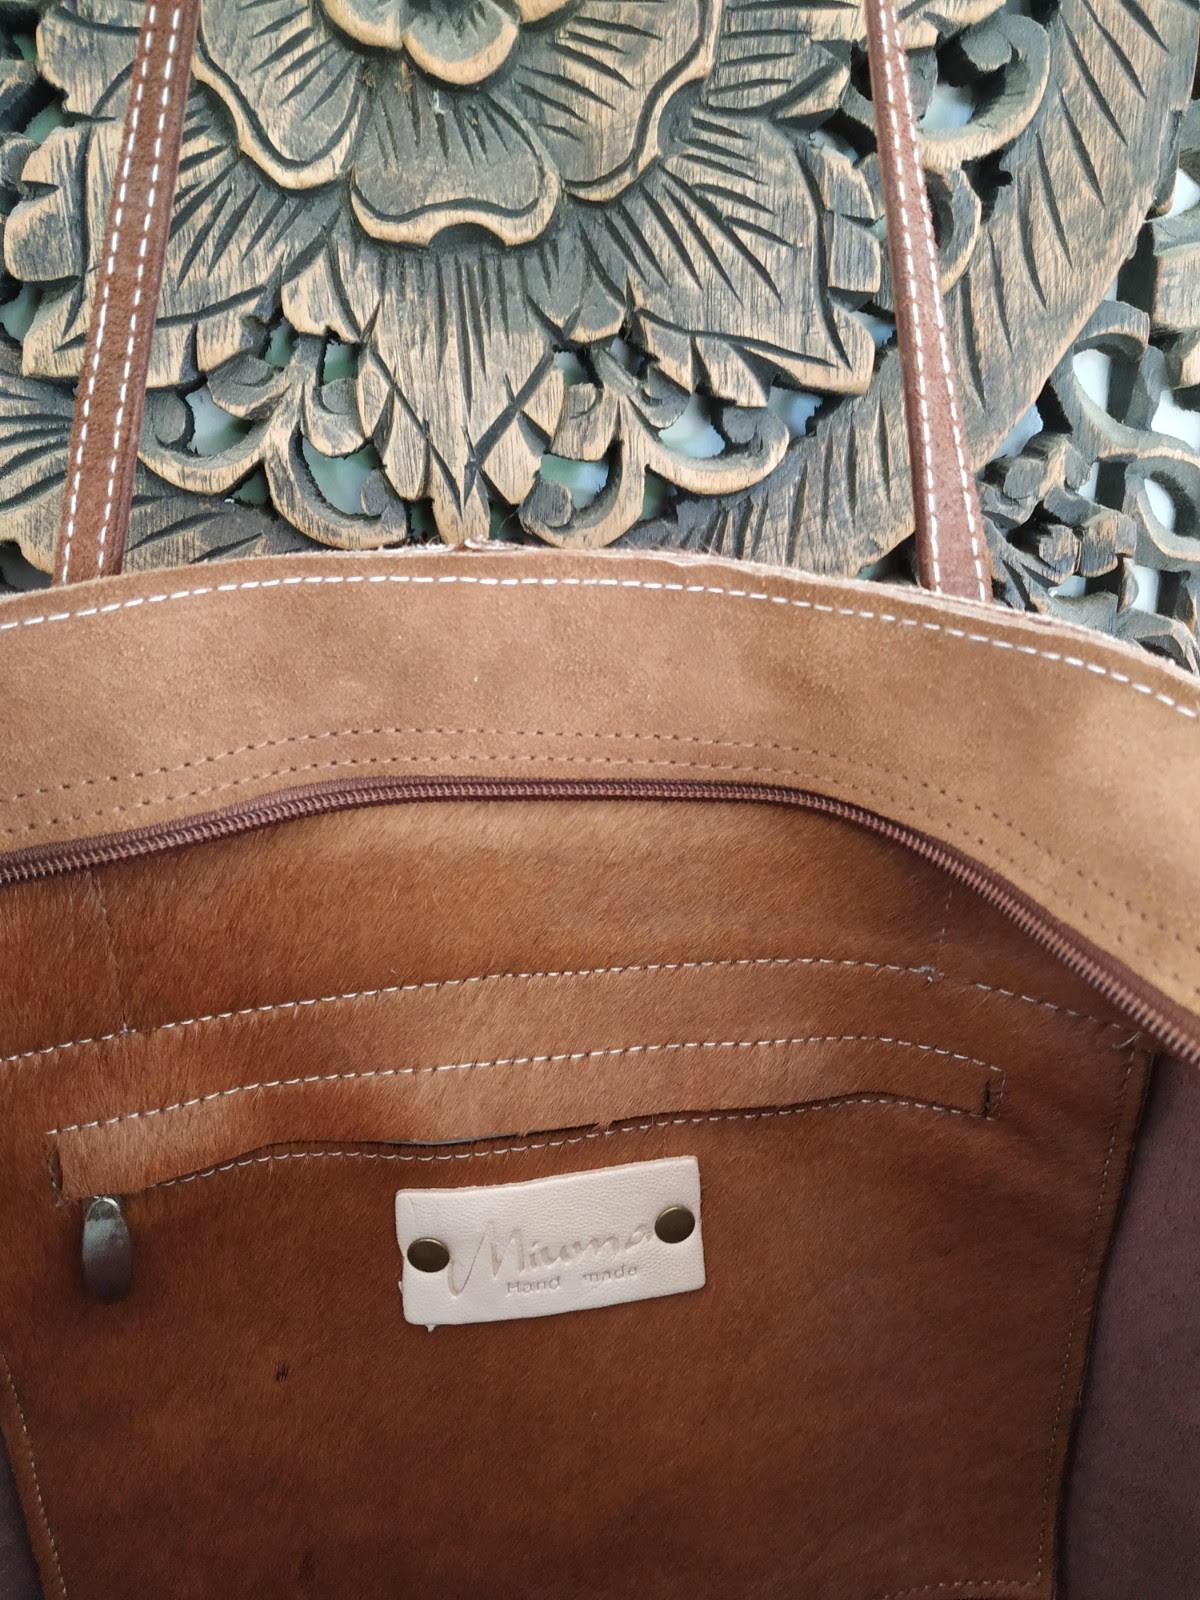 miuma-bolso-marron-piel-complementos-moda-cambrils(3)